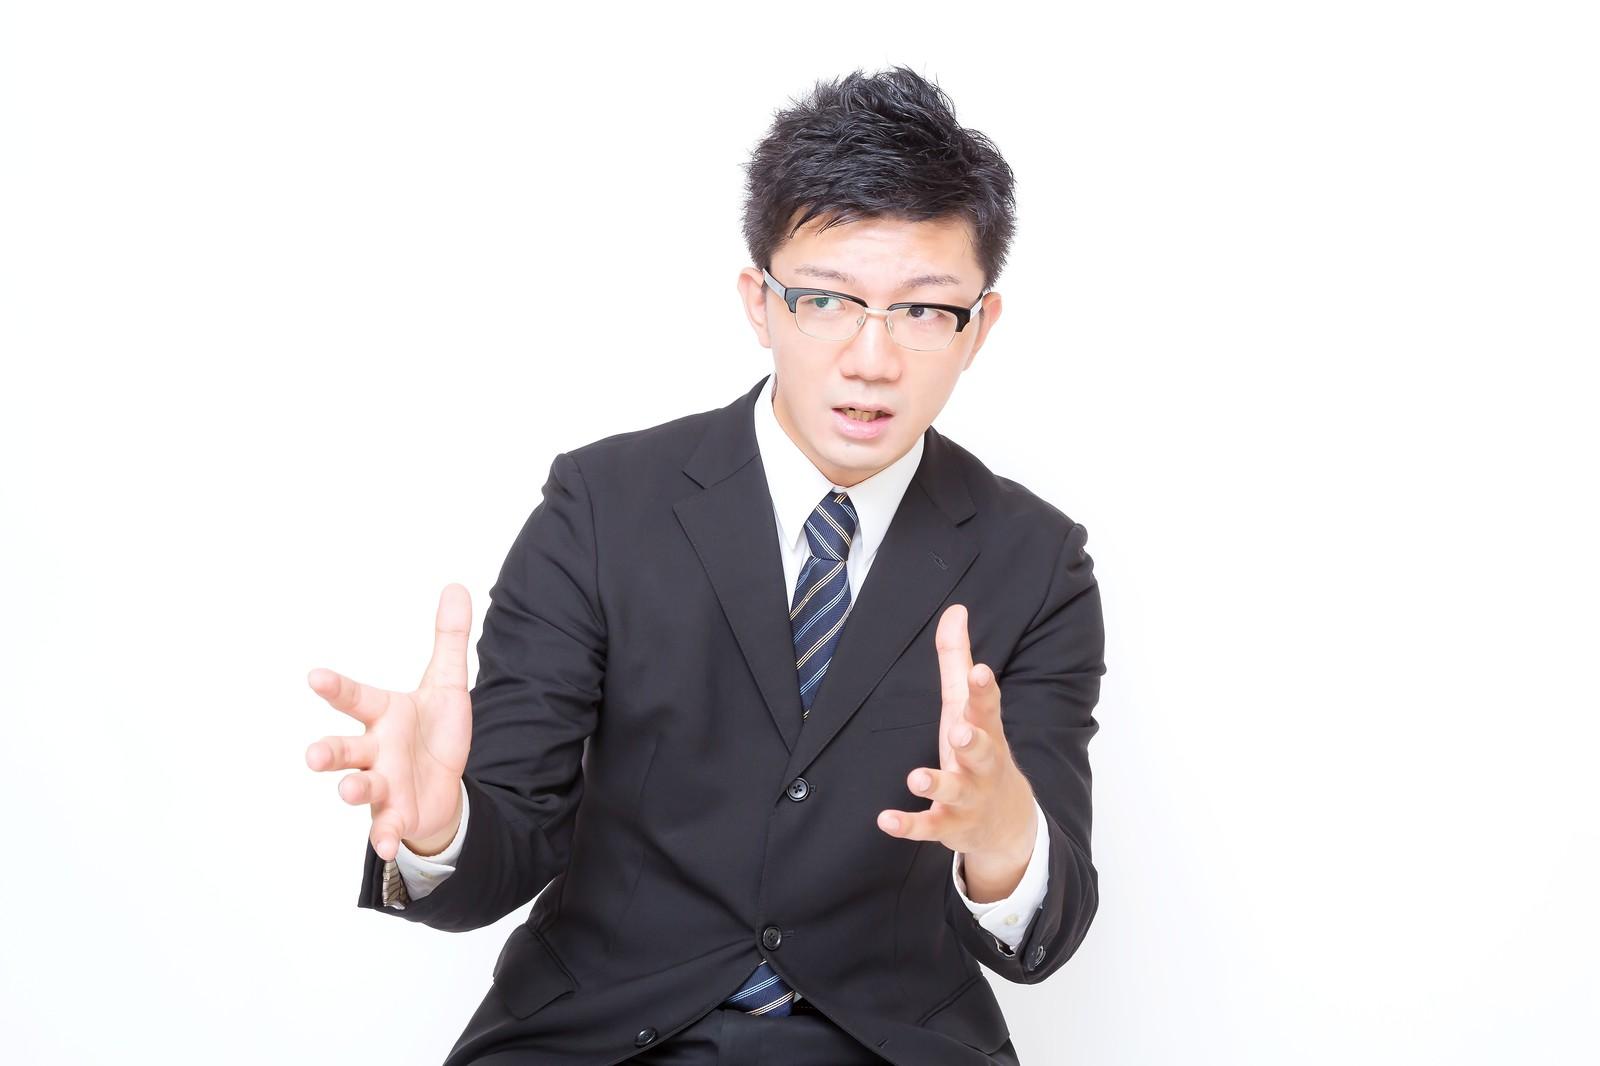 転職活動で無職期間を説明する男性